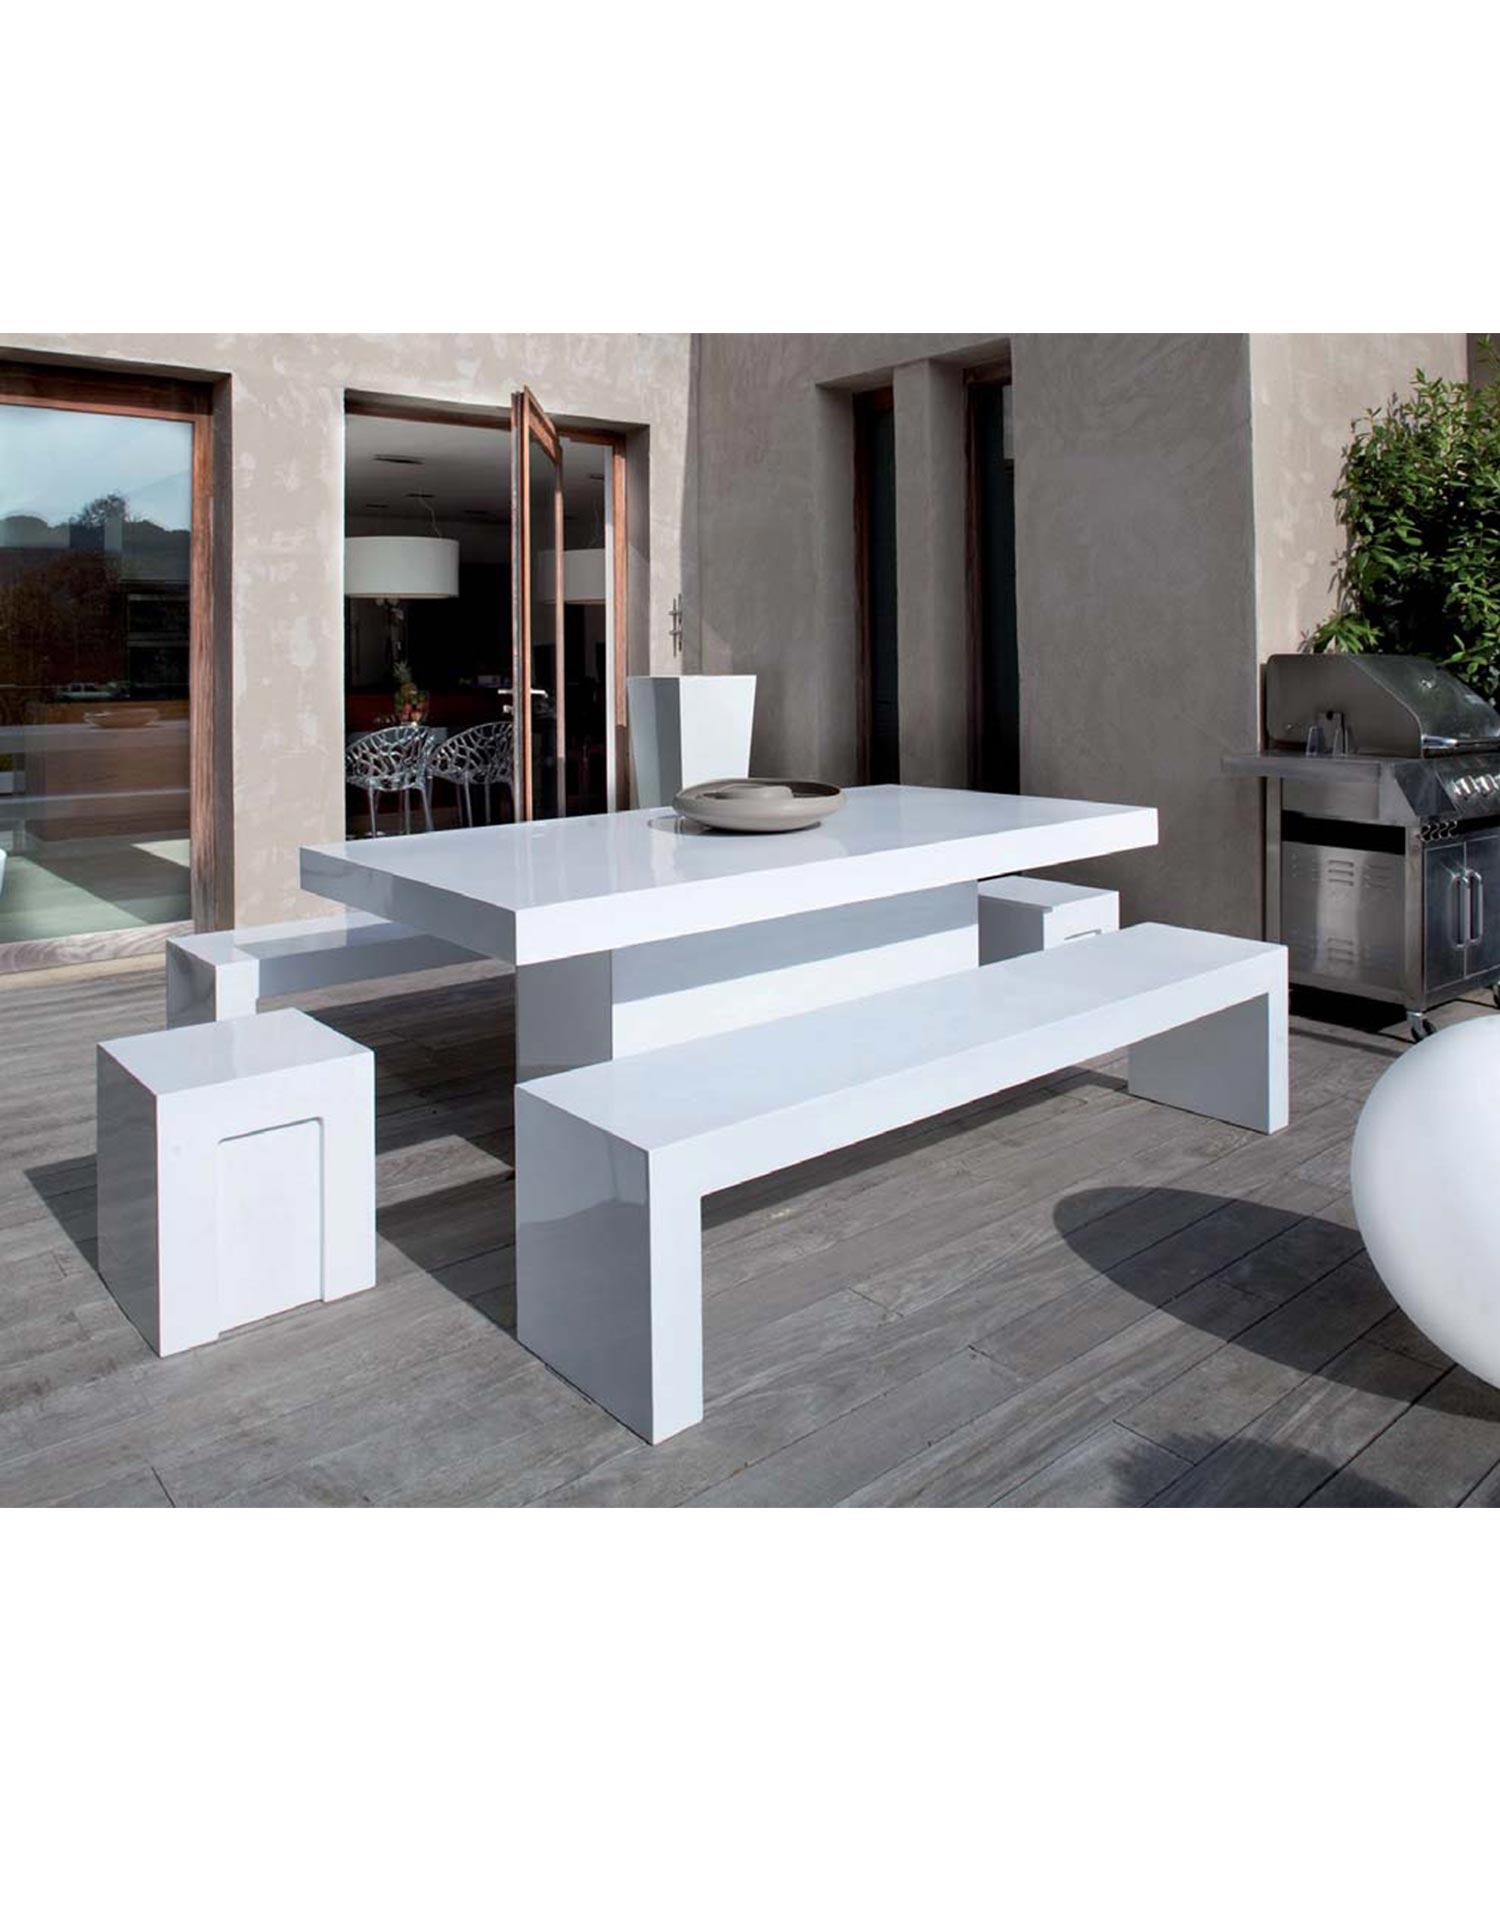 gartenm bel set stone fiber xl. Black Bedroom Furniture Sets. Home Design Ideas